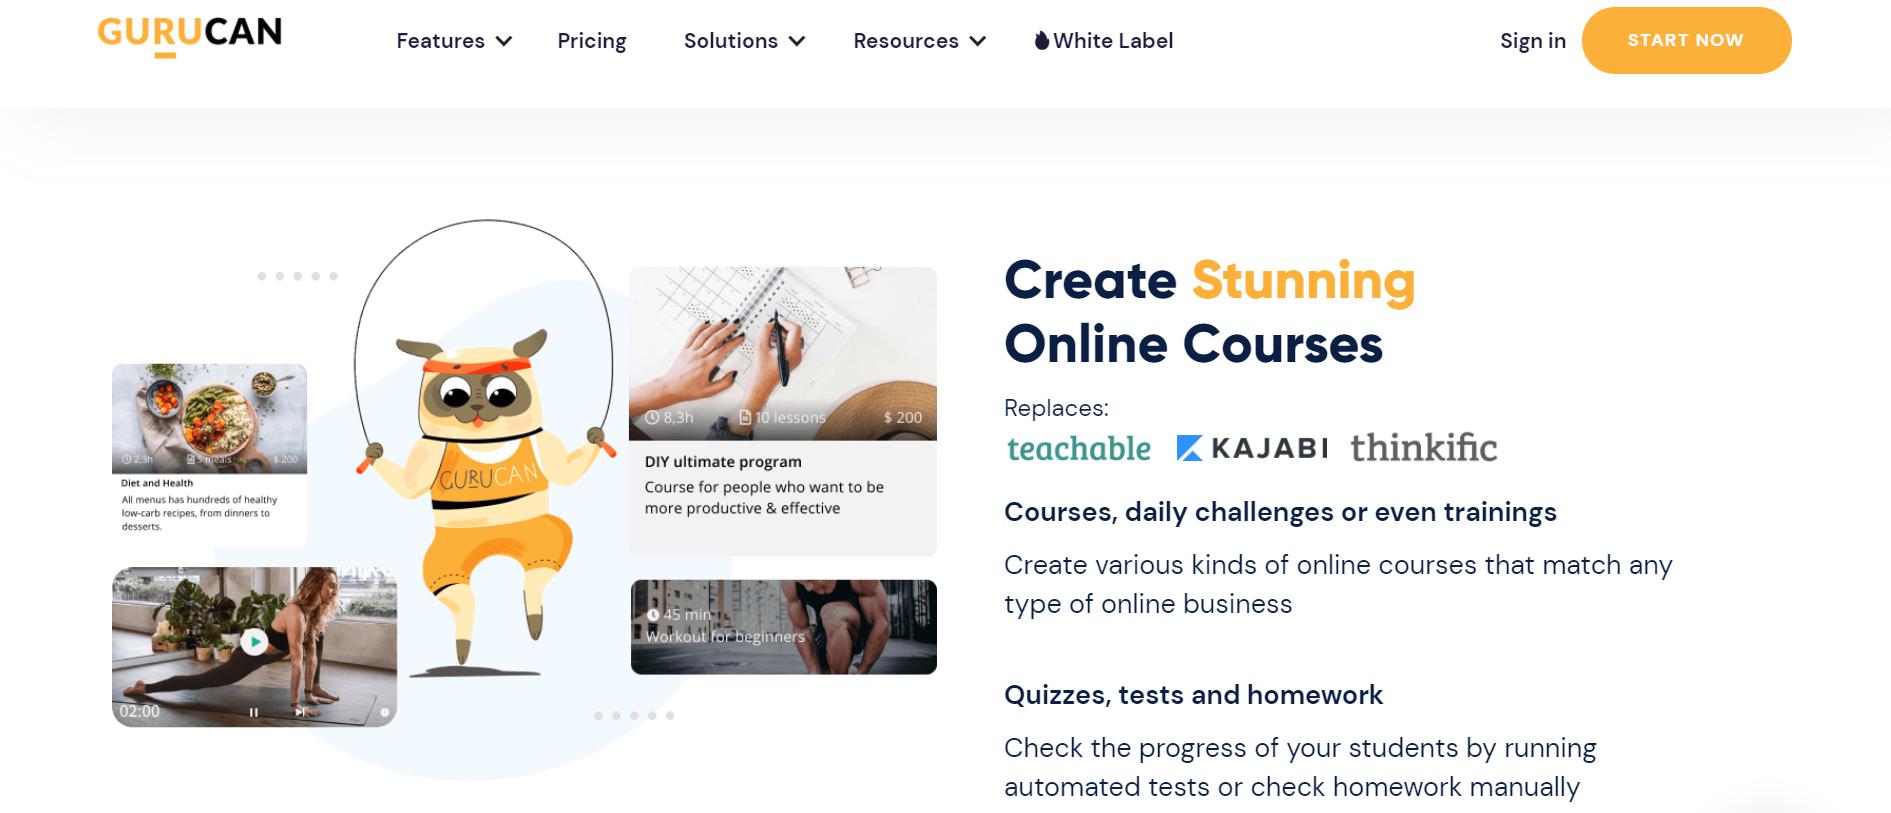 Gurucan course creation